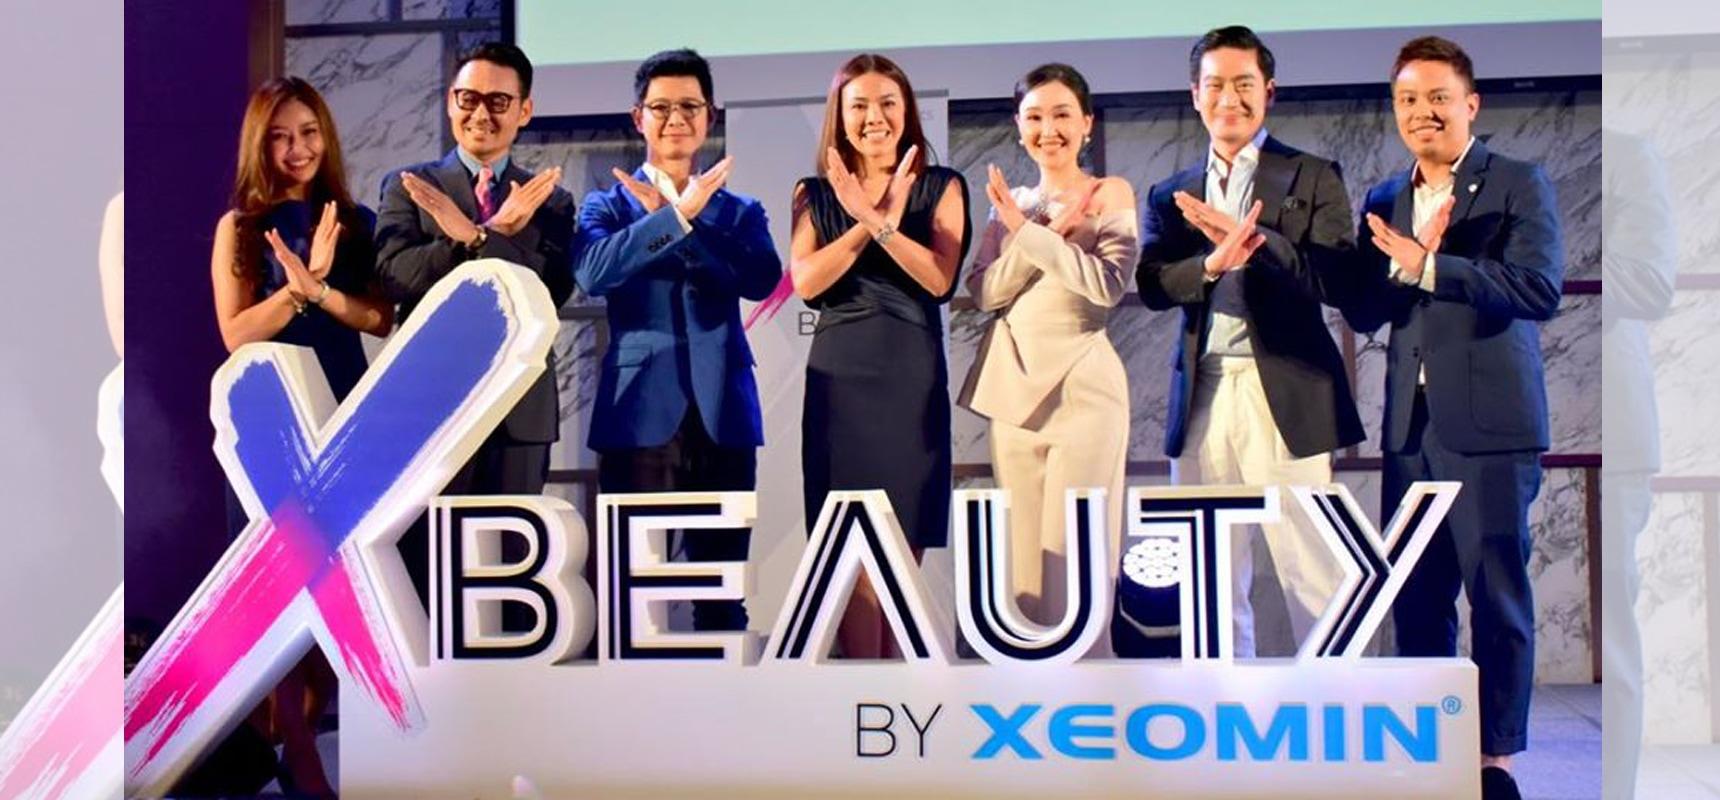 พญ.สรวลัย ร่วมบรรยายในงานเปิดตัว X Beauty เทรนด์ความงามใหม่ล่าสุด